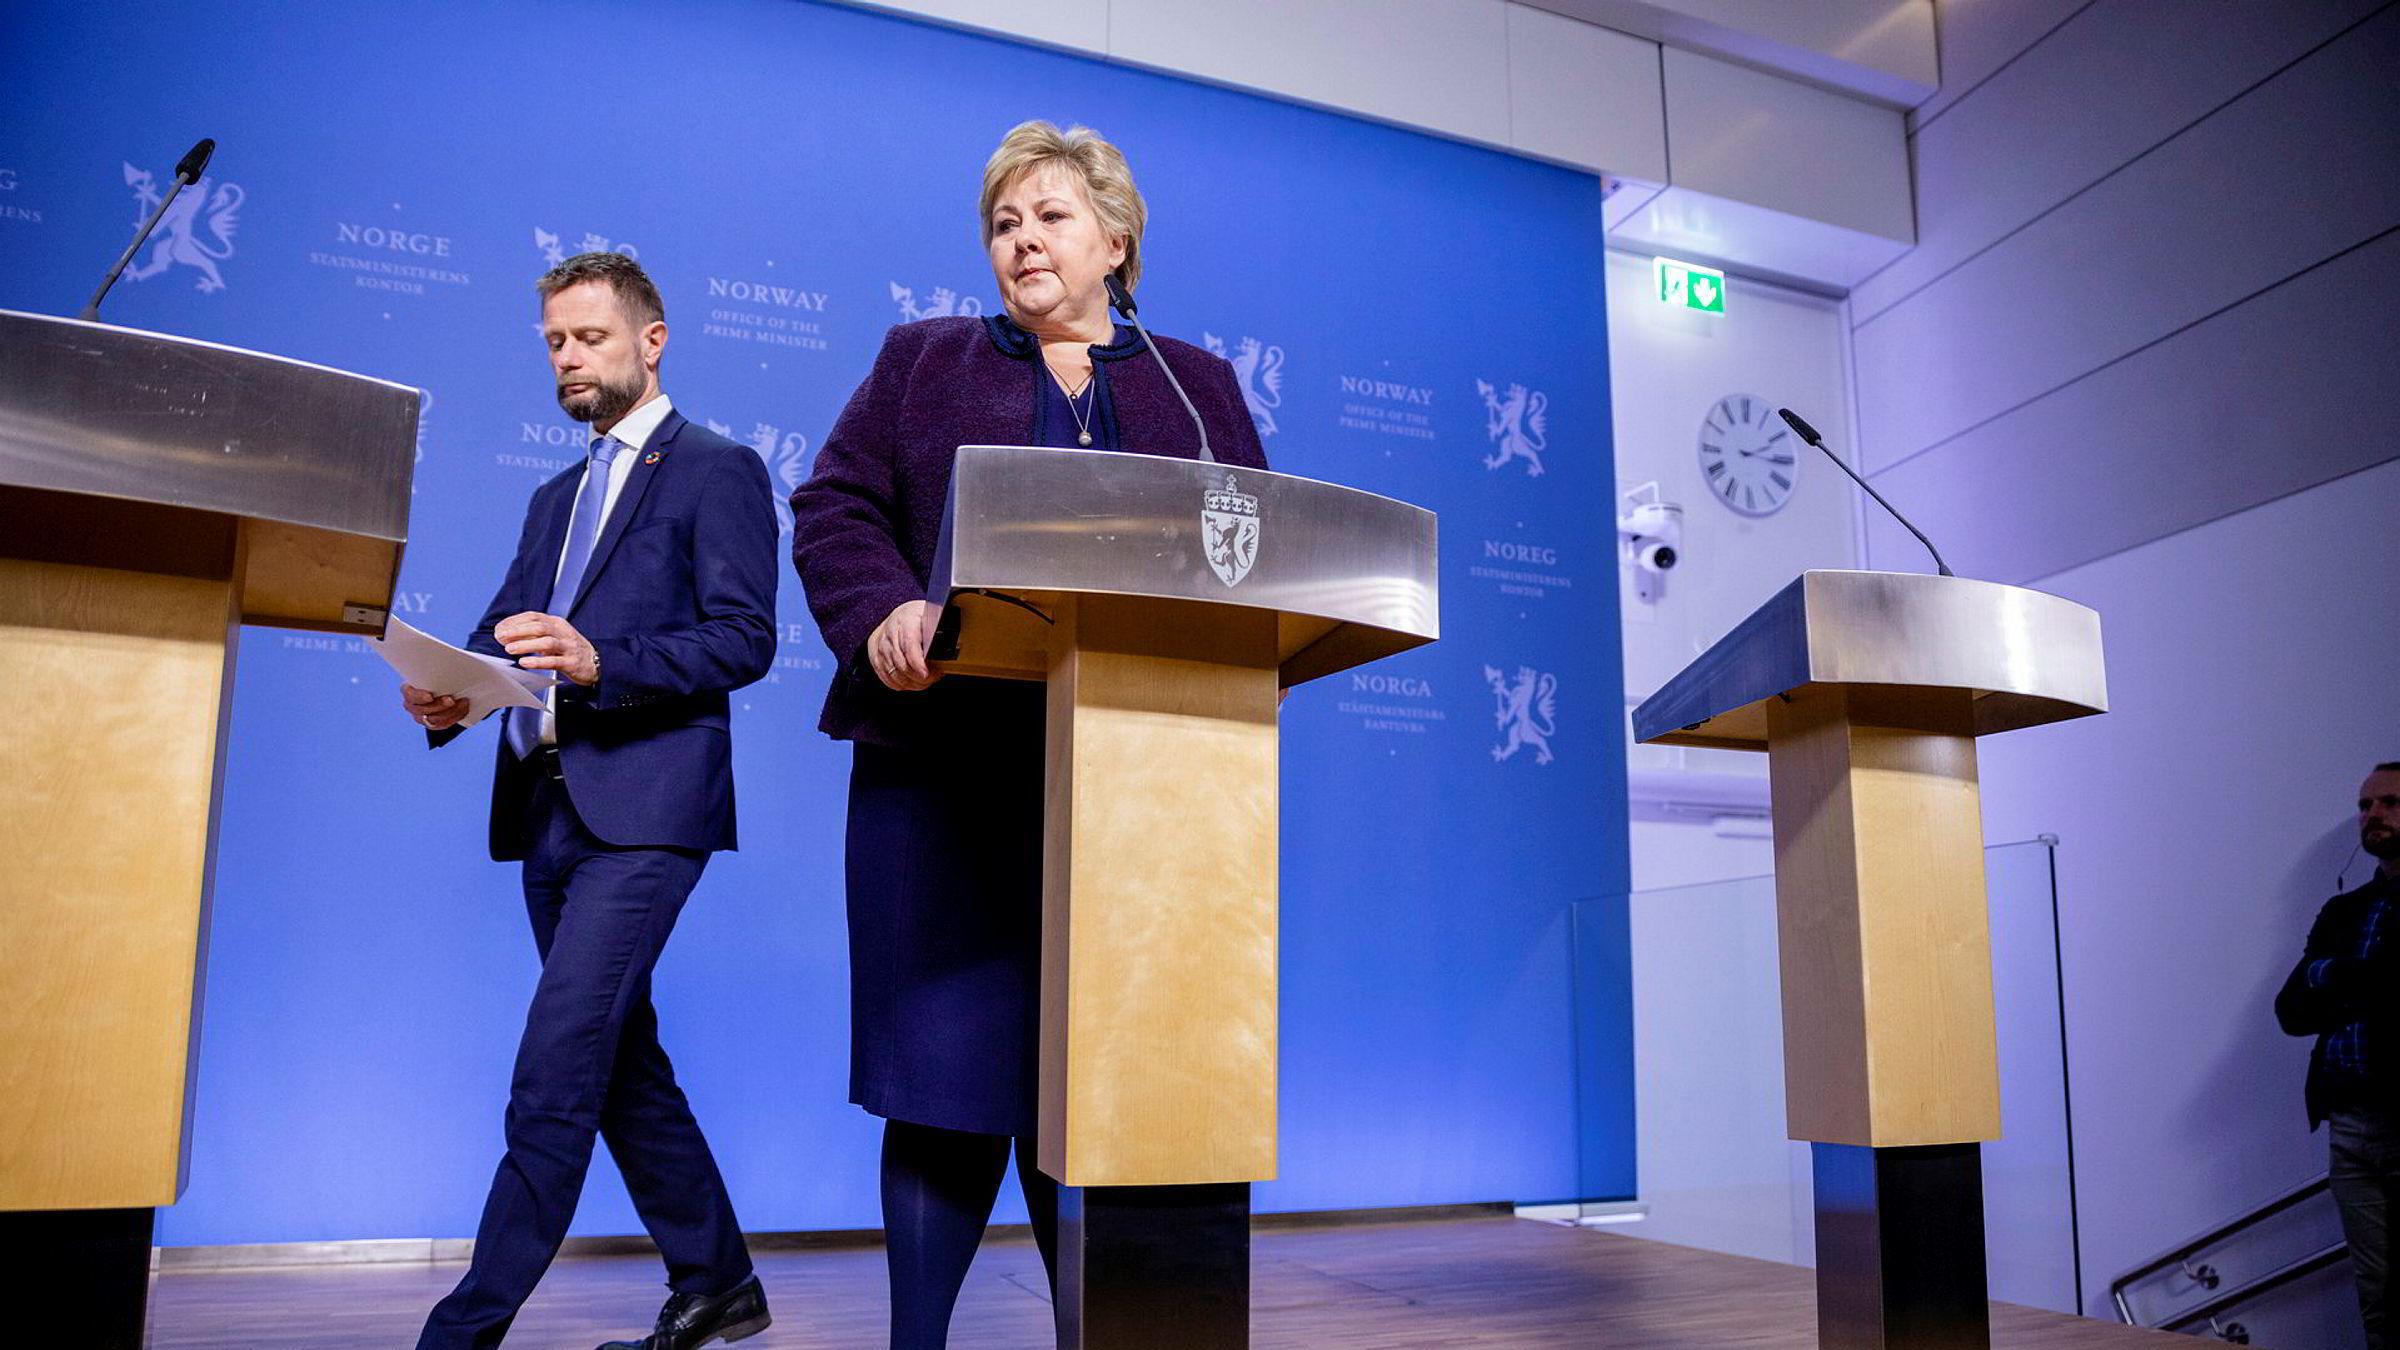 Statsminister Erna Solberg og helseminister Bent Høie tar koronaavgjørelser i regjeringens hittil ukjente utvalg. Her informerer de om koronatiltak ved Statsministerens kontor.